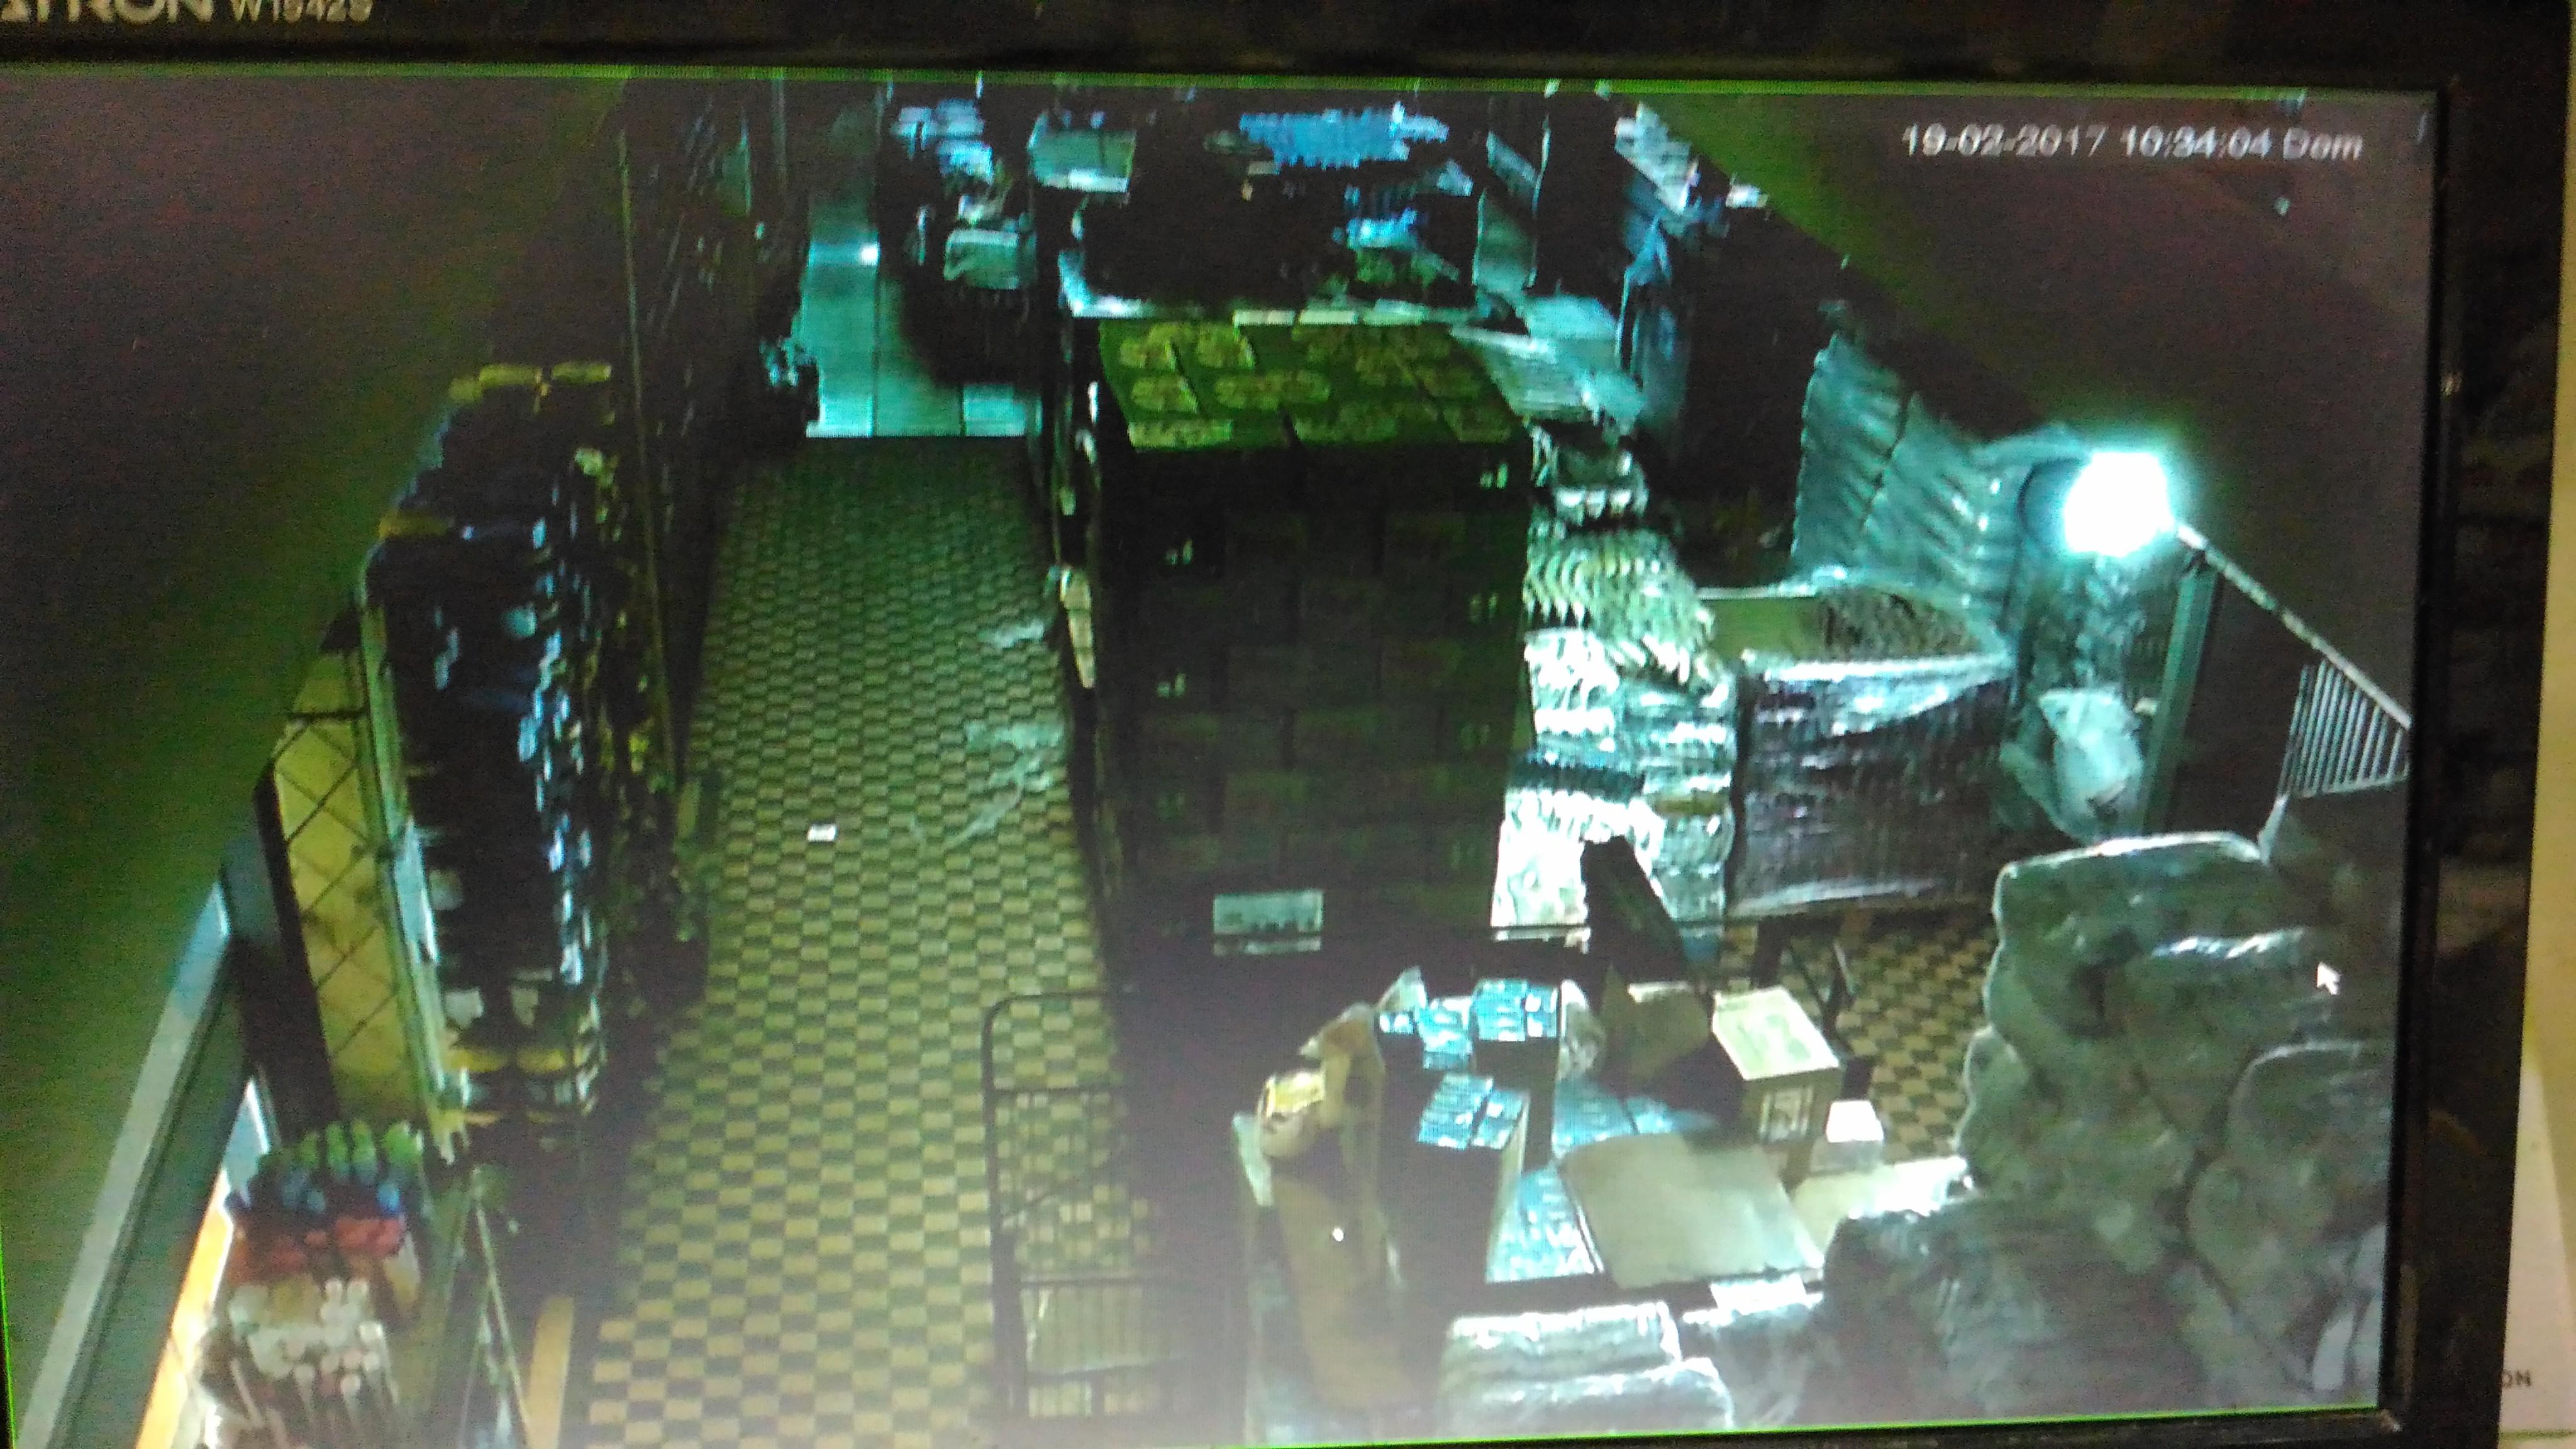 Imagem de monitoramento